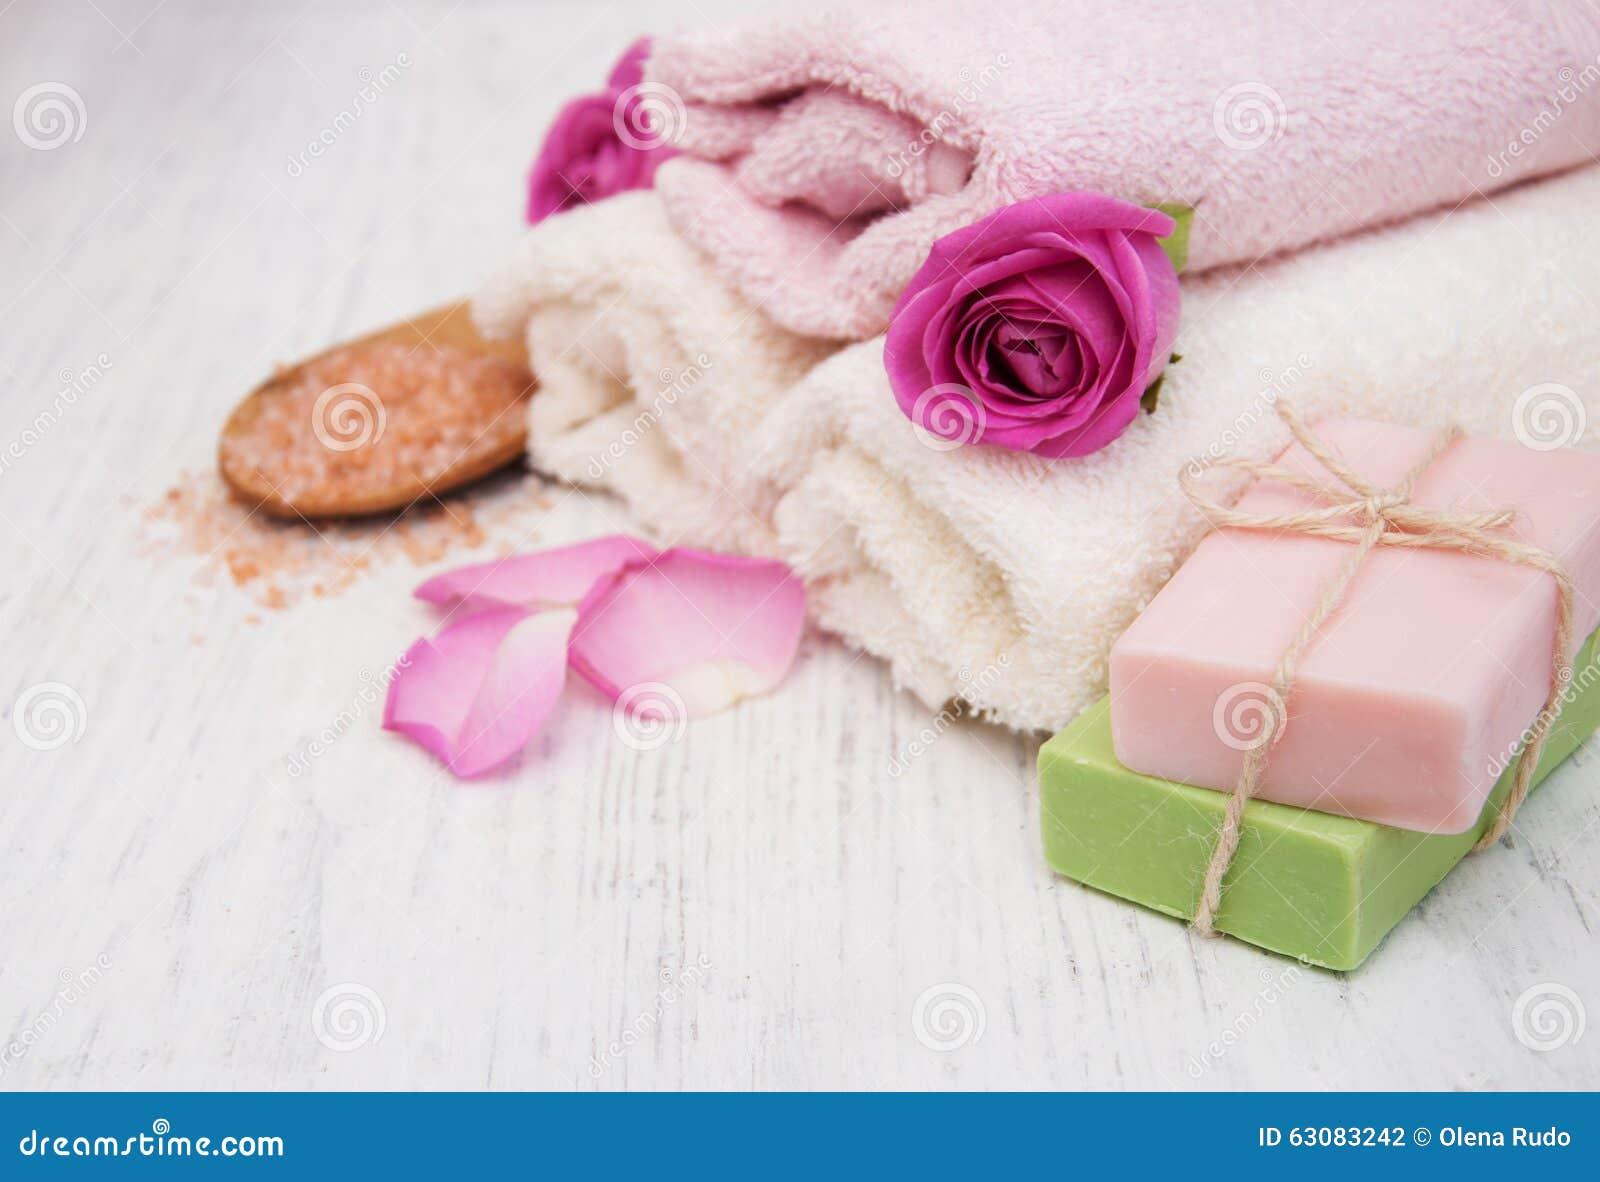 Download Serviettes Et Savon De Bath Avec Les Roses Roses Photo stock - Image du détendez, pile: 63083242